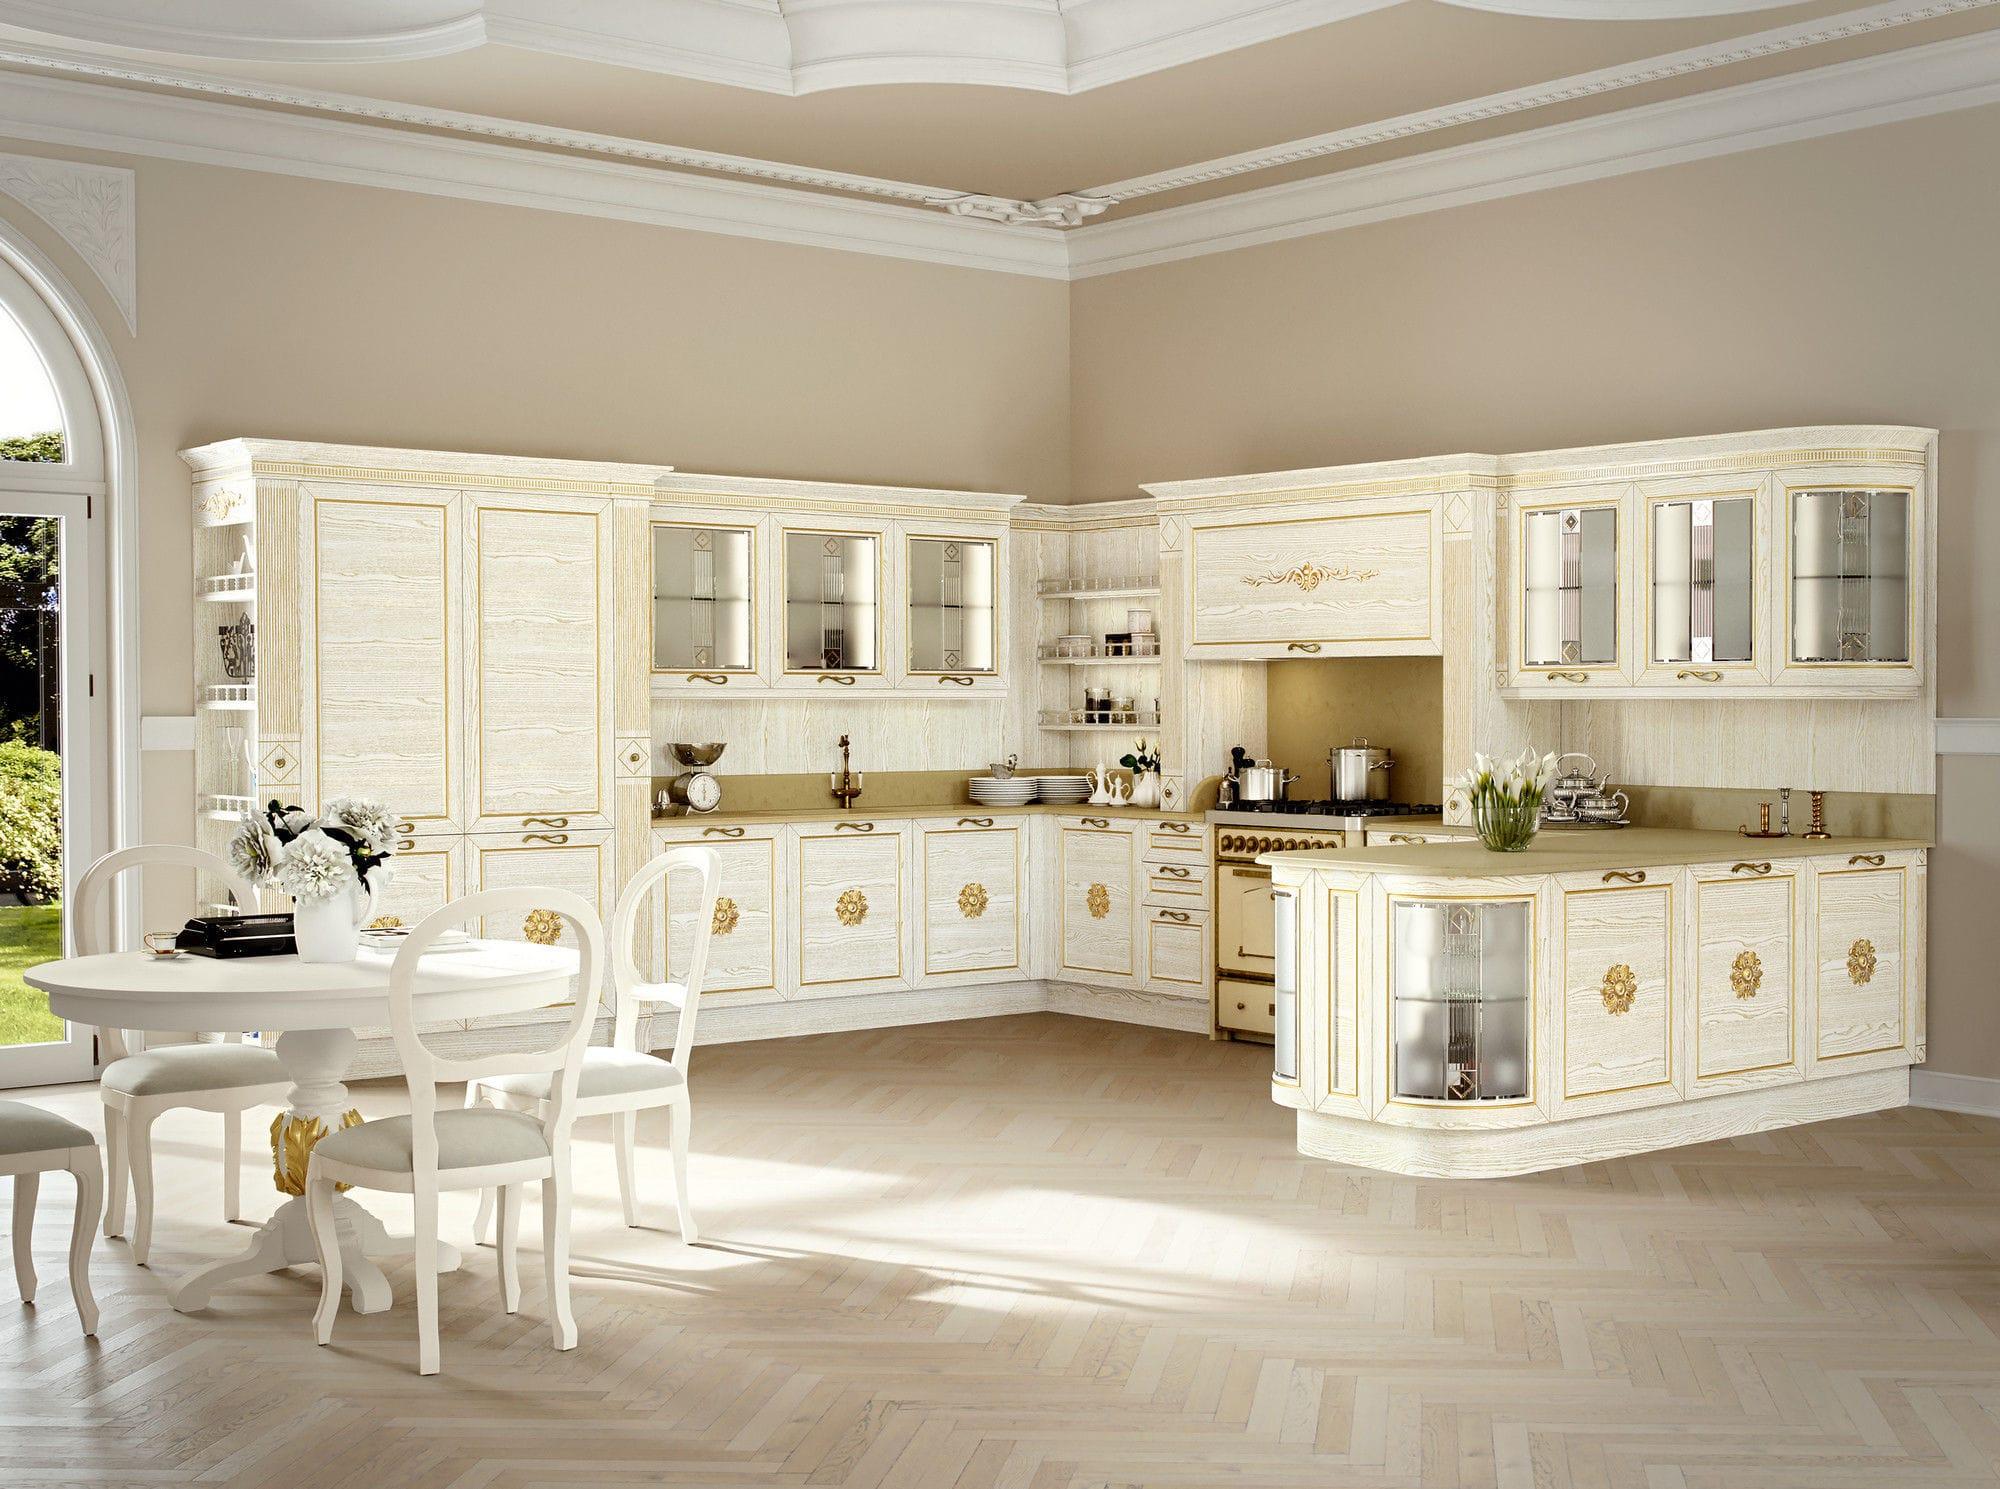 Cucina classica / in frassino / in marmo / a U - CA\'NOVA 2.0 ...